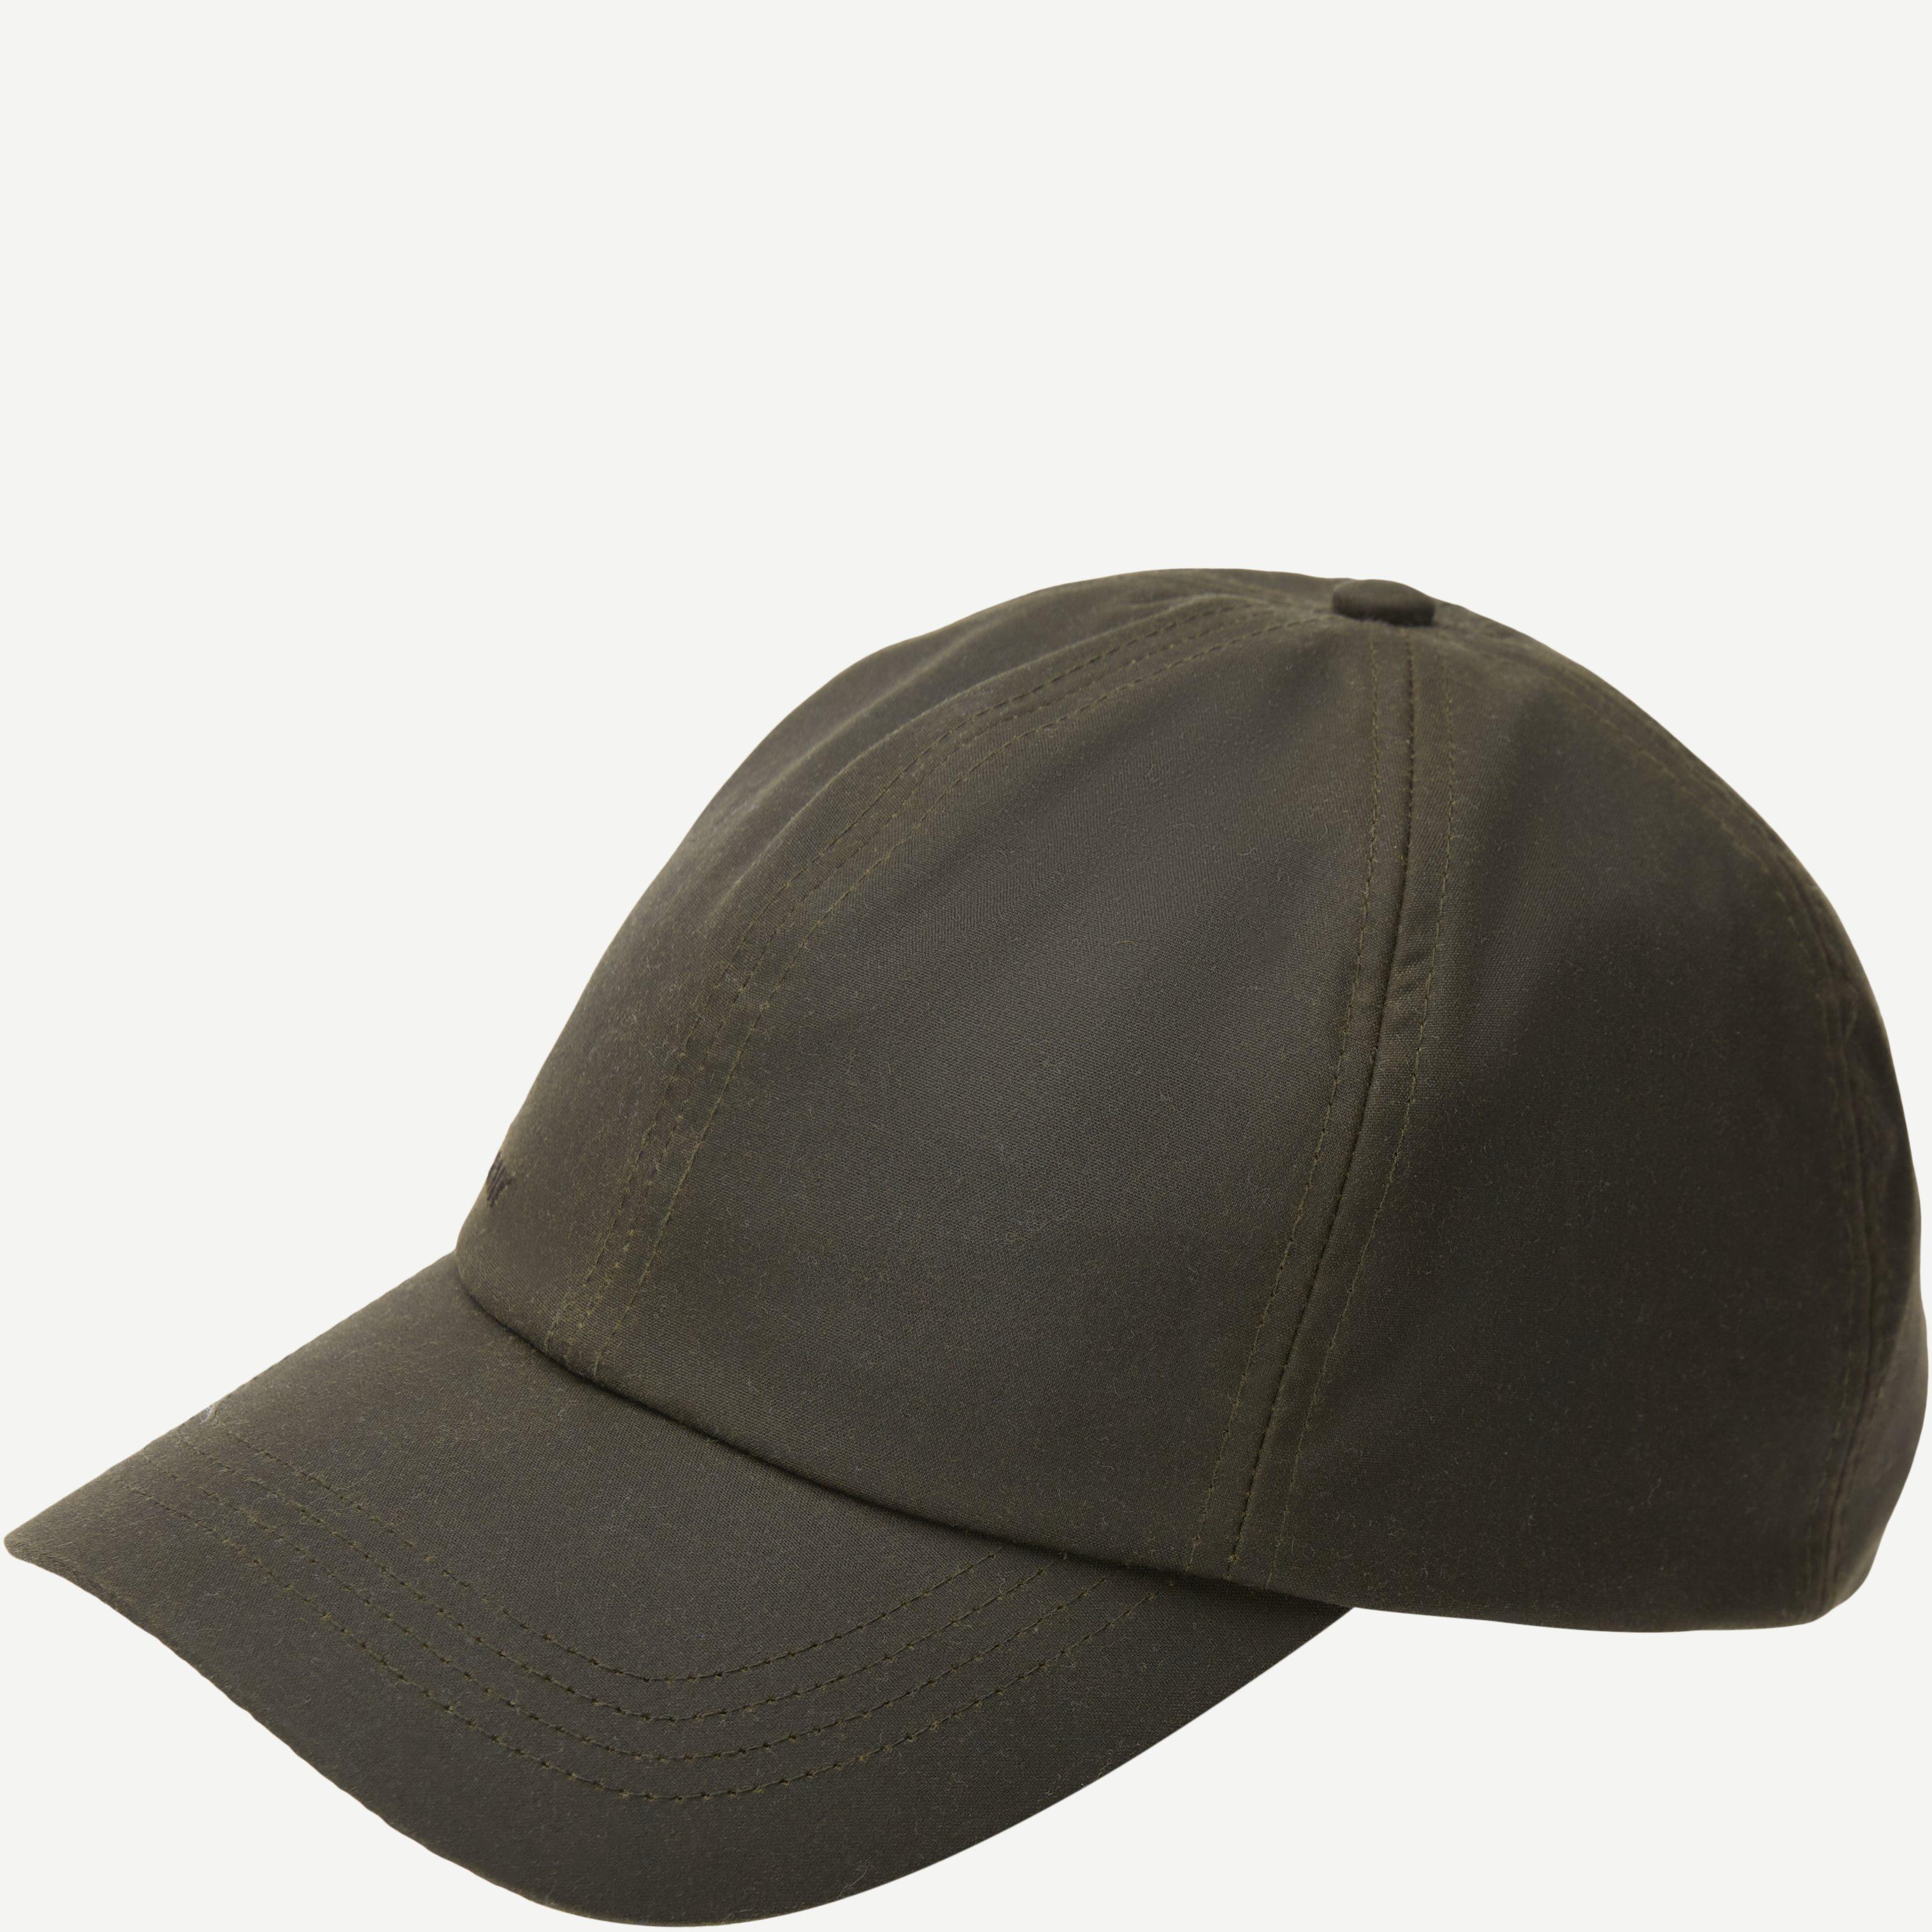 Wax Sports Cap - Caps - Army